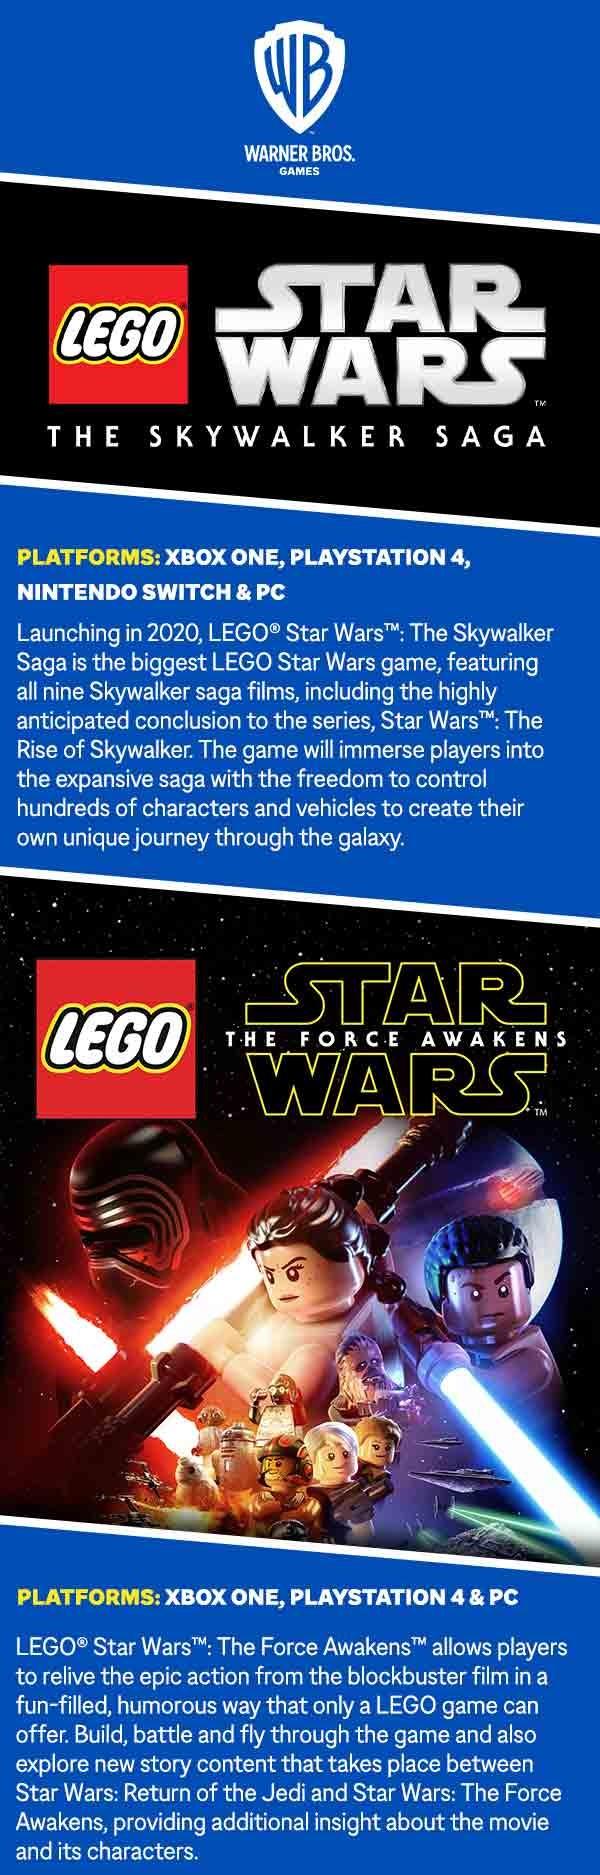 Star Wars LEGO Artwork